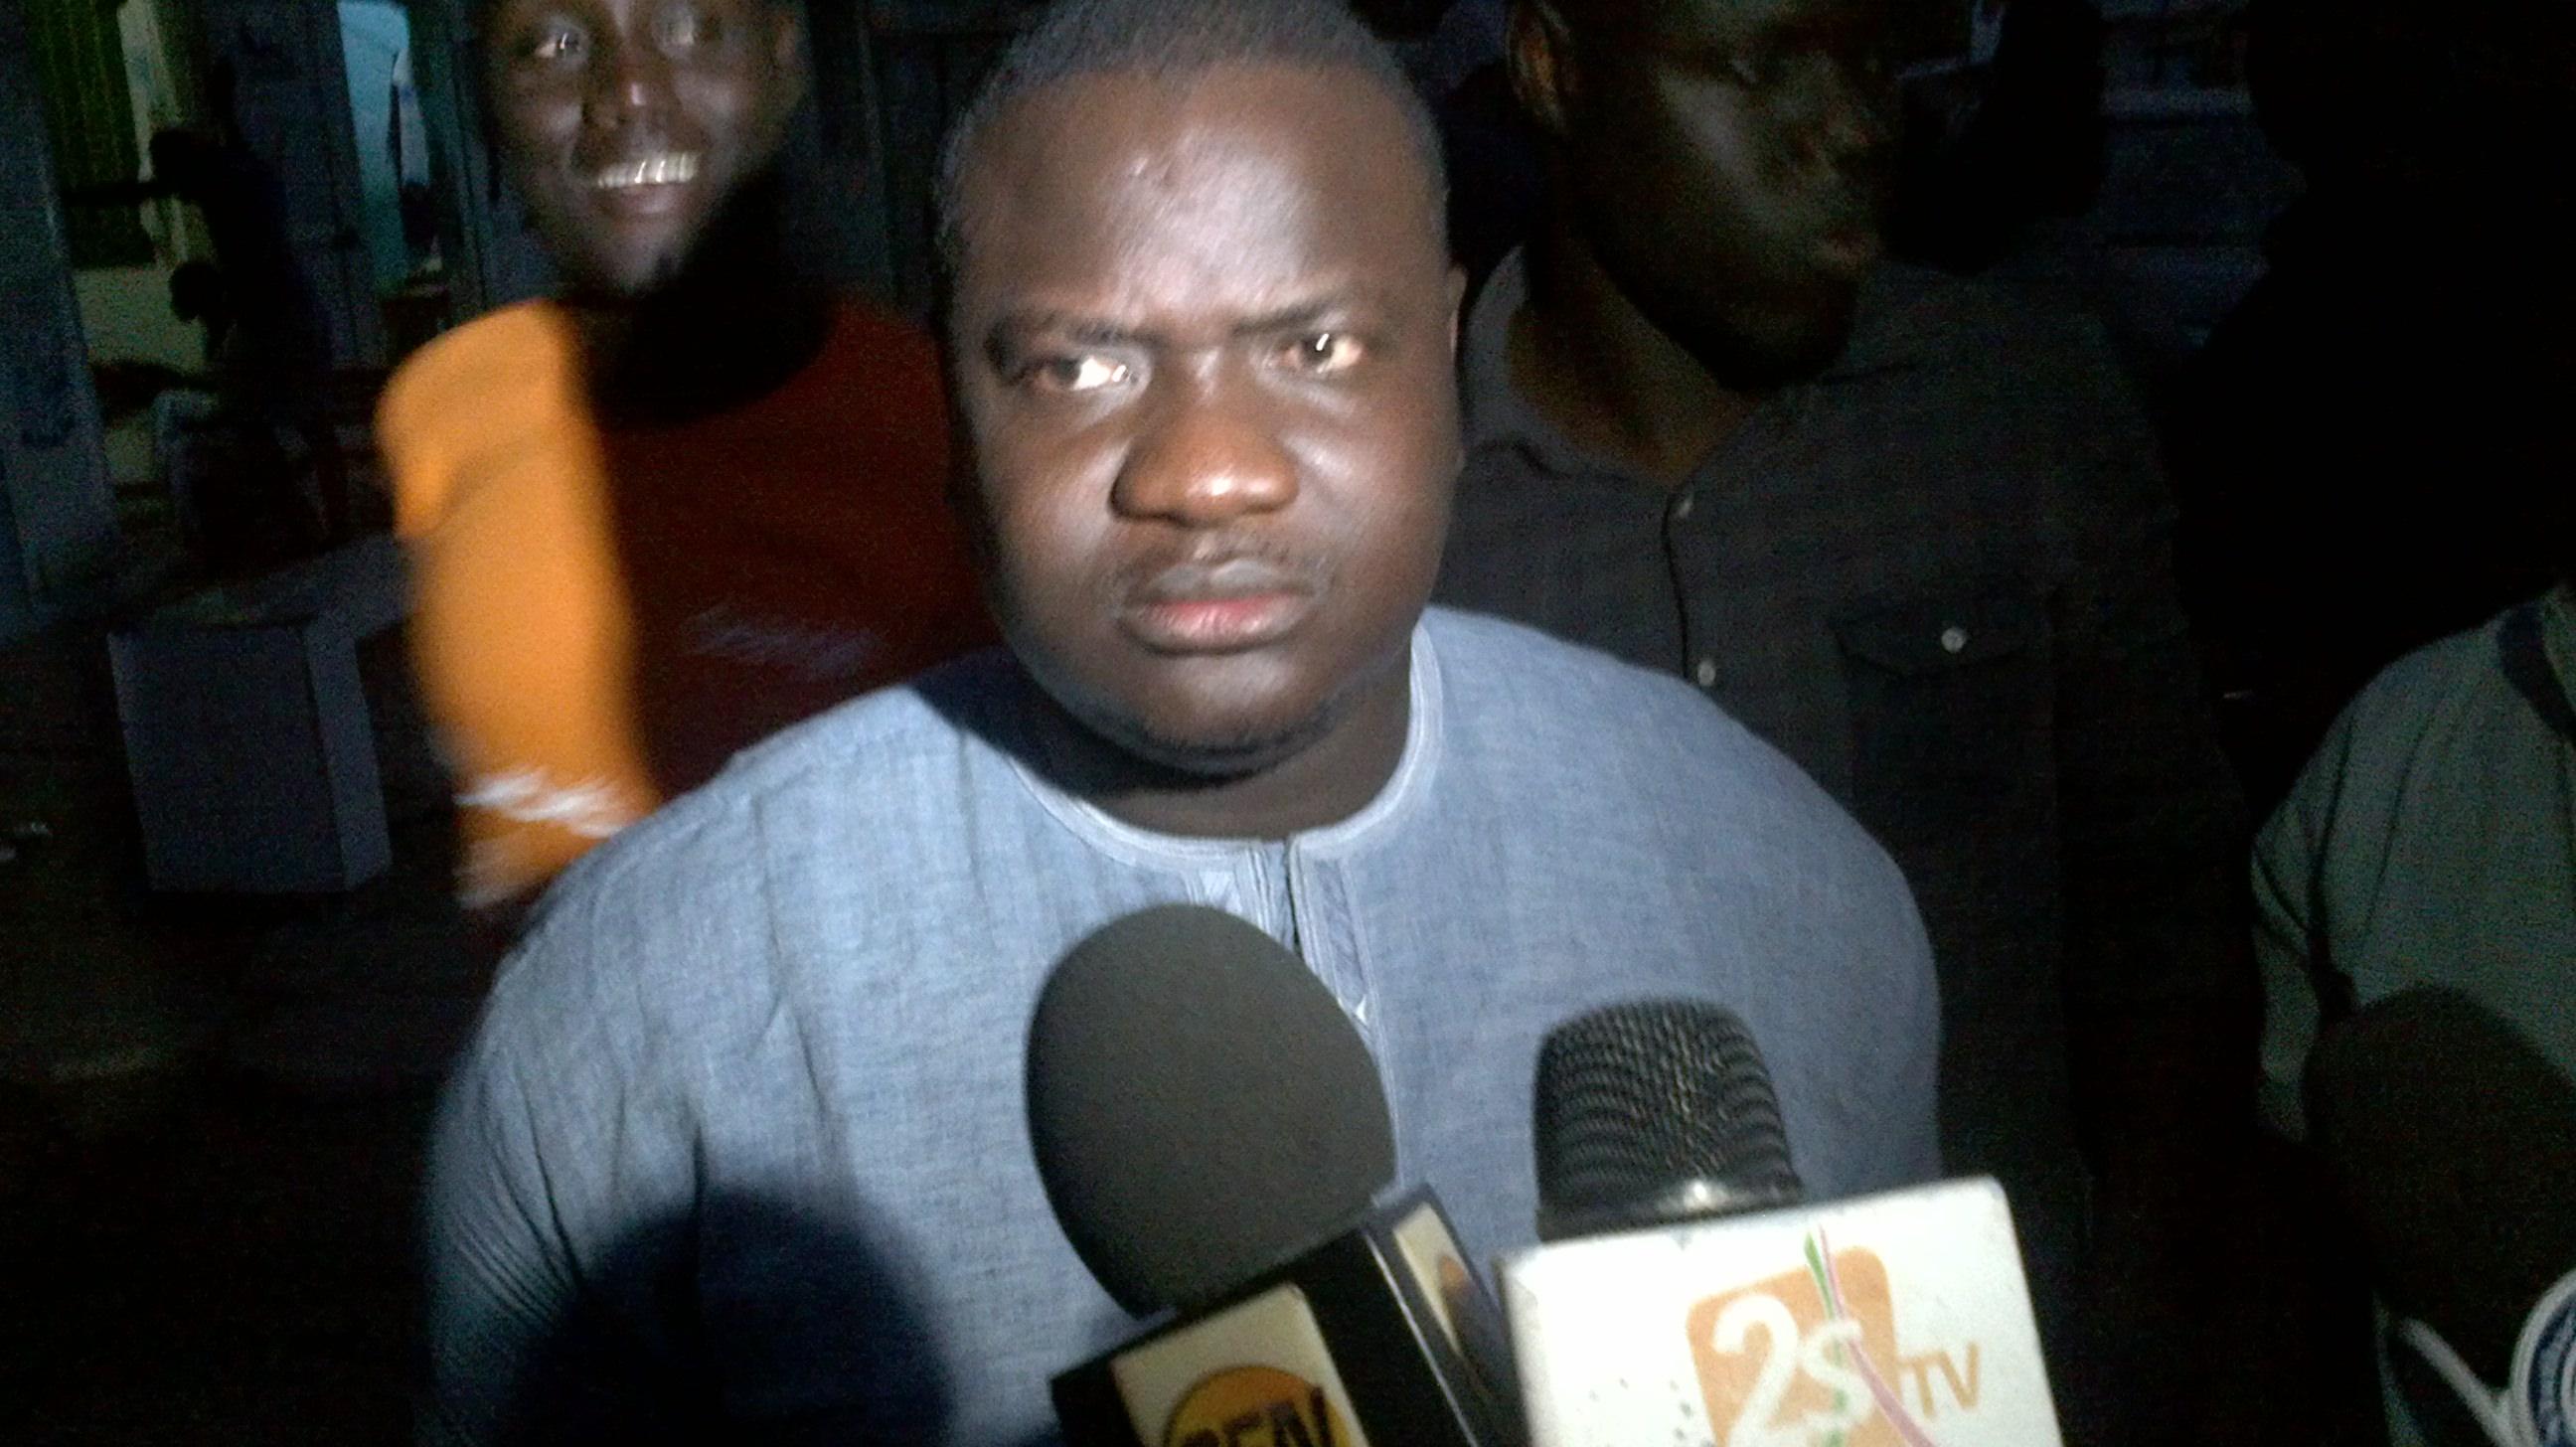 LA COJEM RAILLE LE PDS : « Ce GIE centre son combat sur des accusations infondées contre Macky »